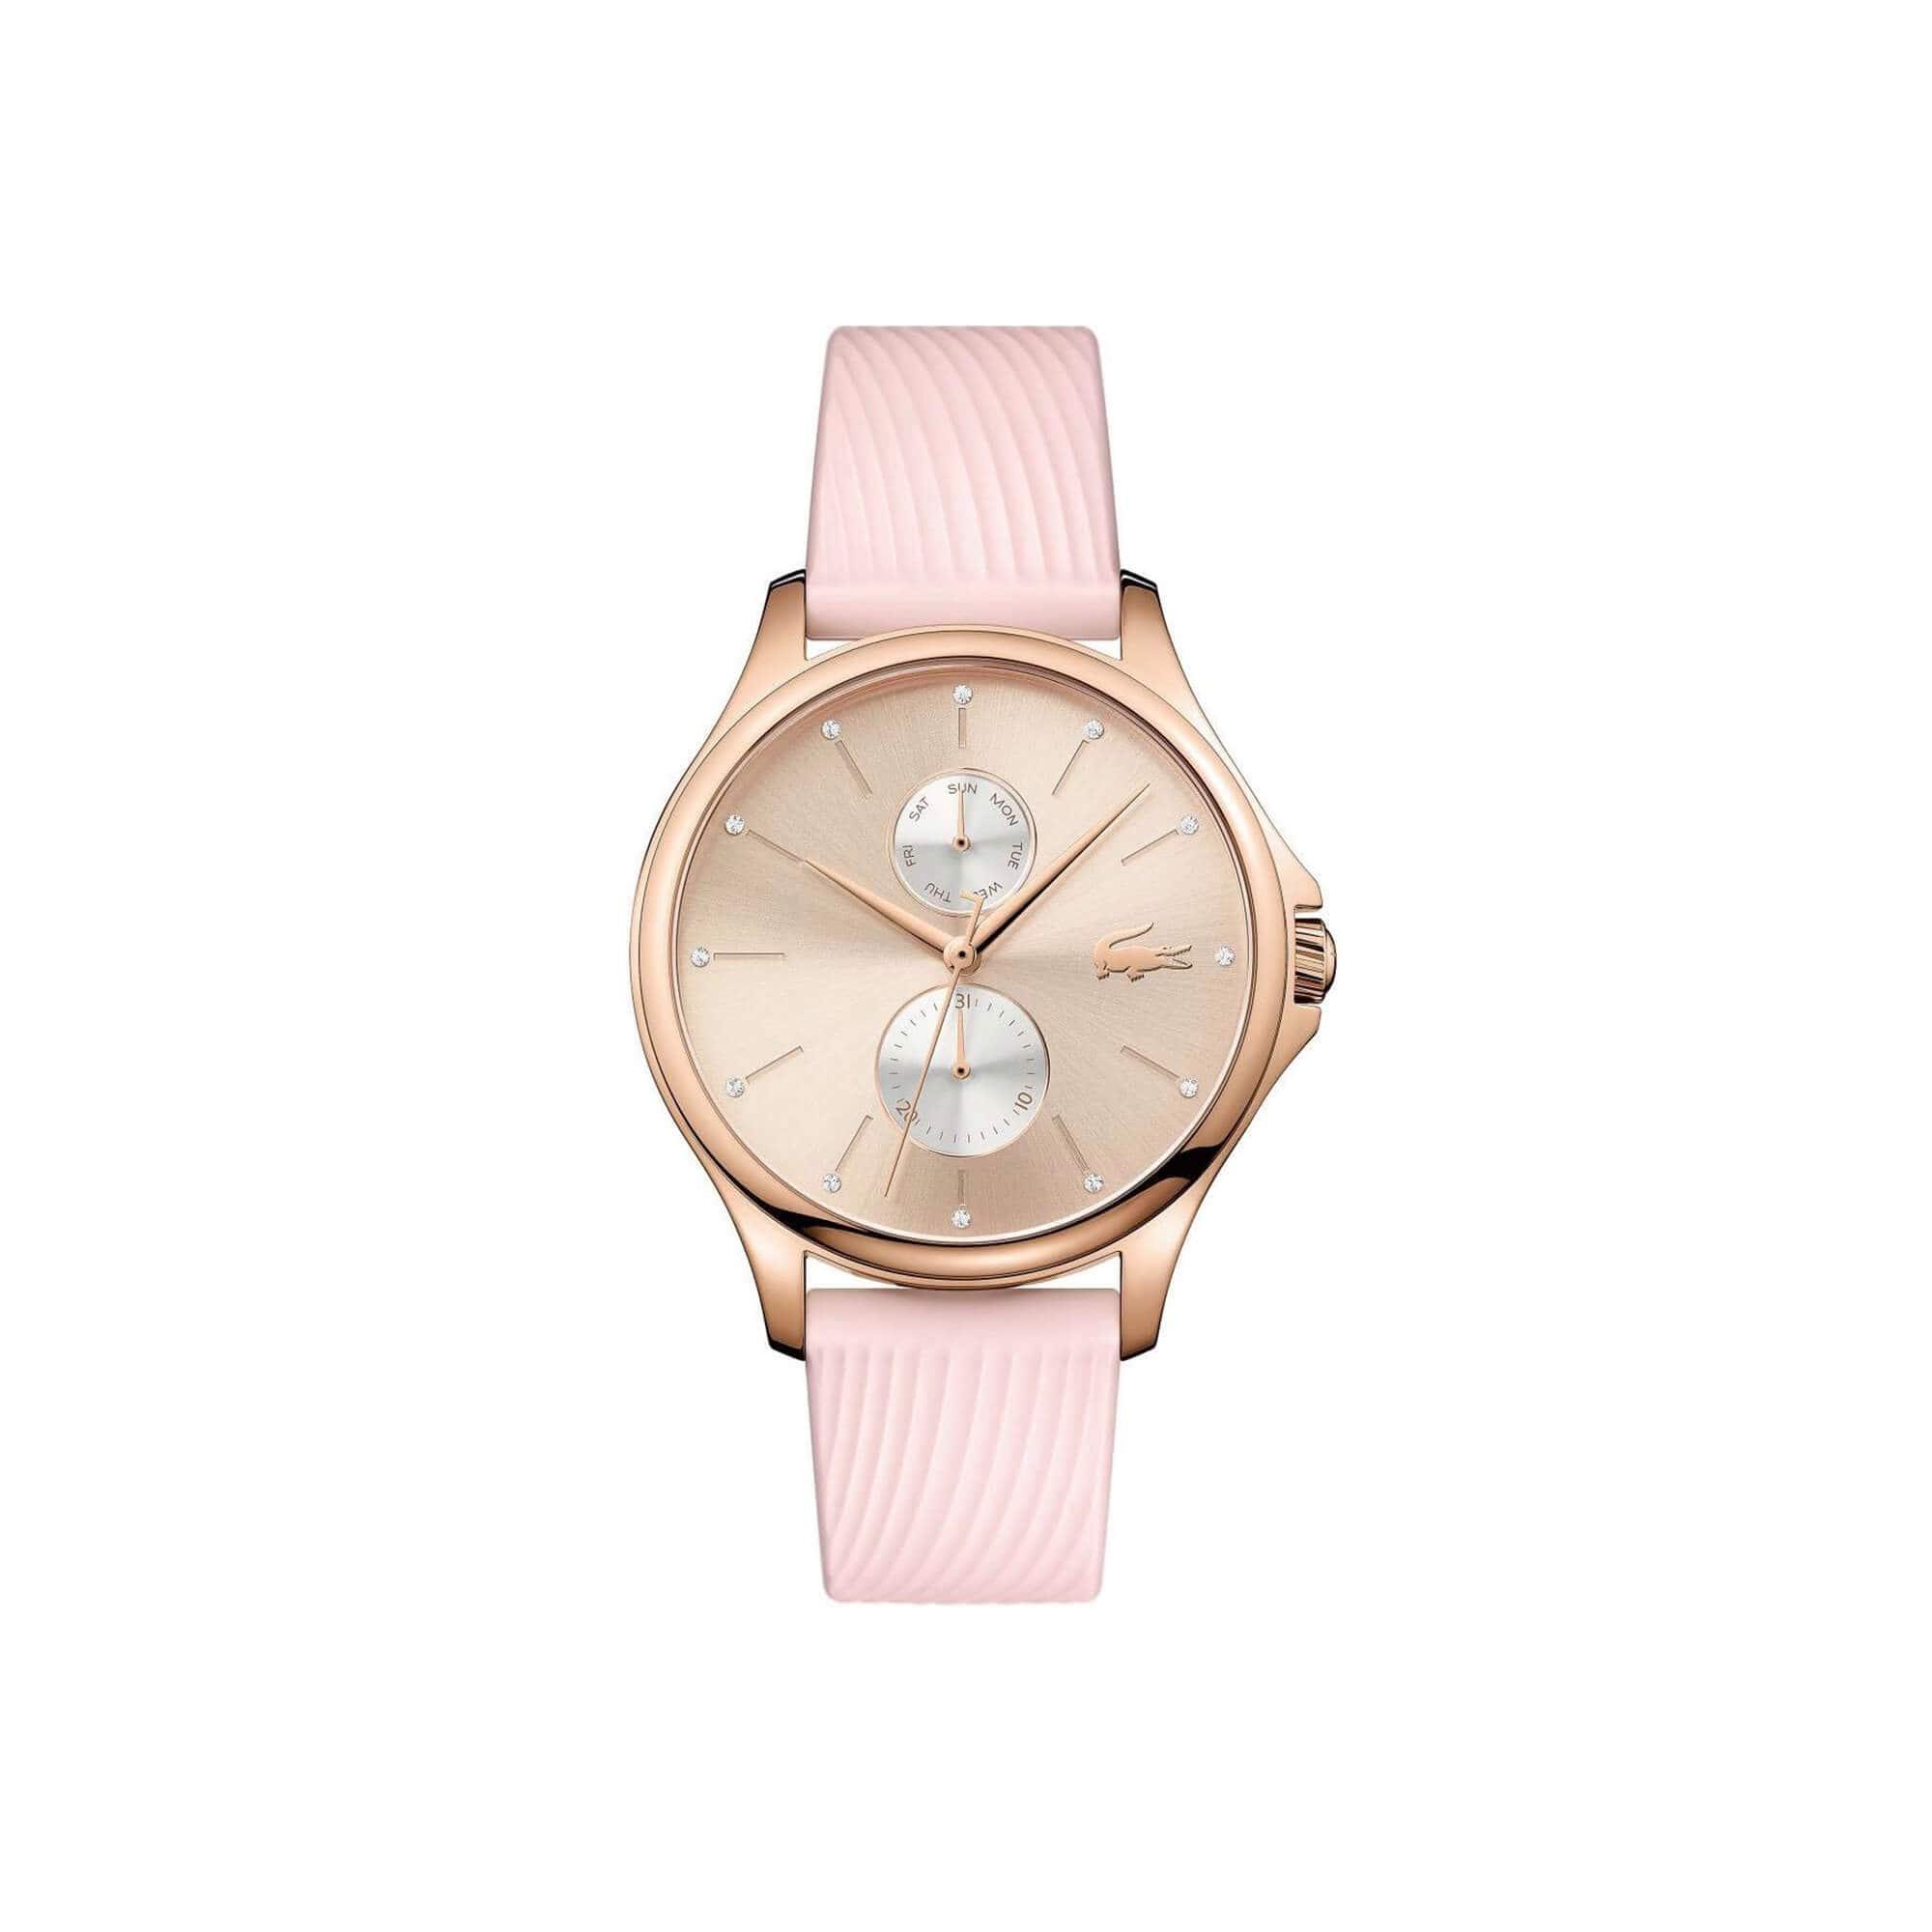 Reloj de Mujer Kea Multifunción con Correa de Silicona Rosa